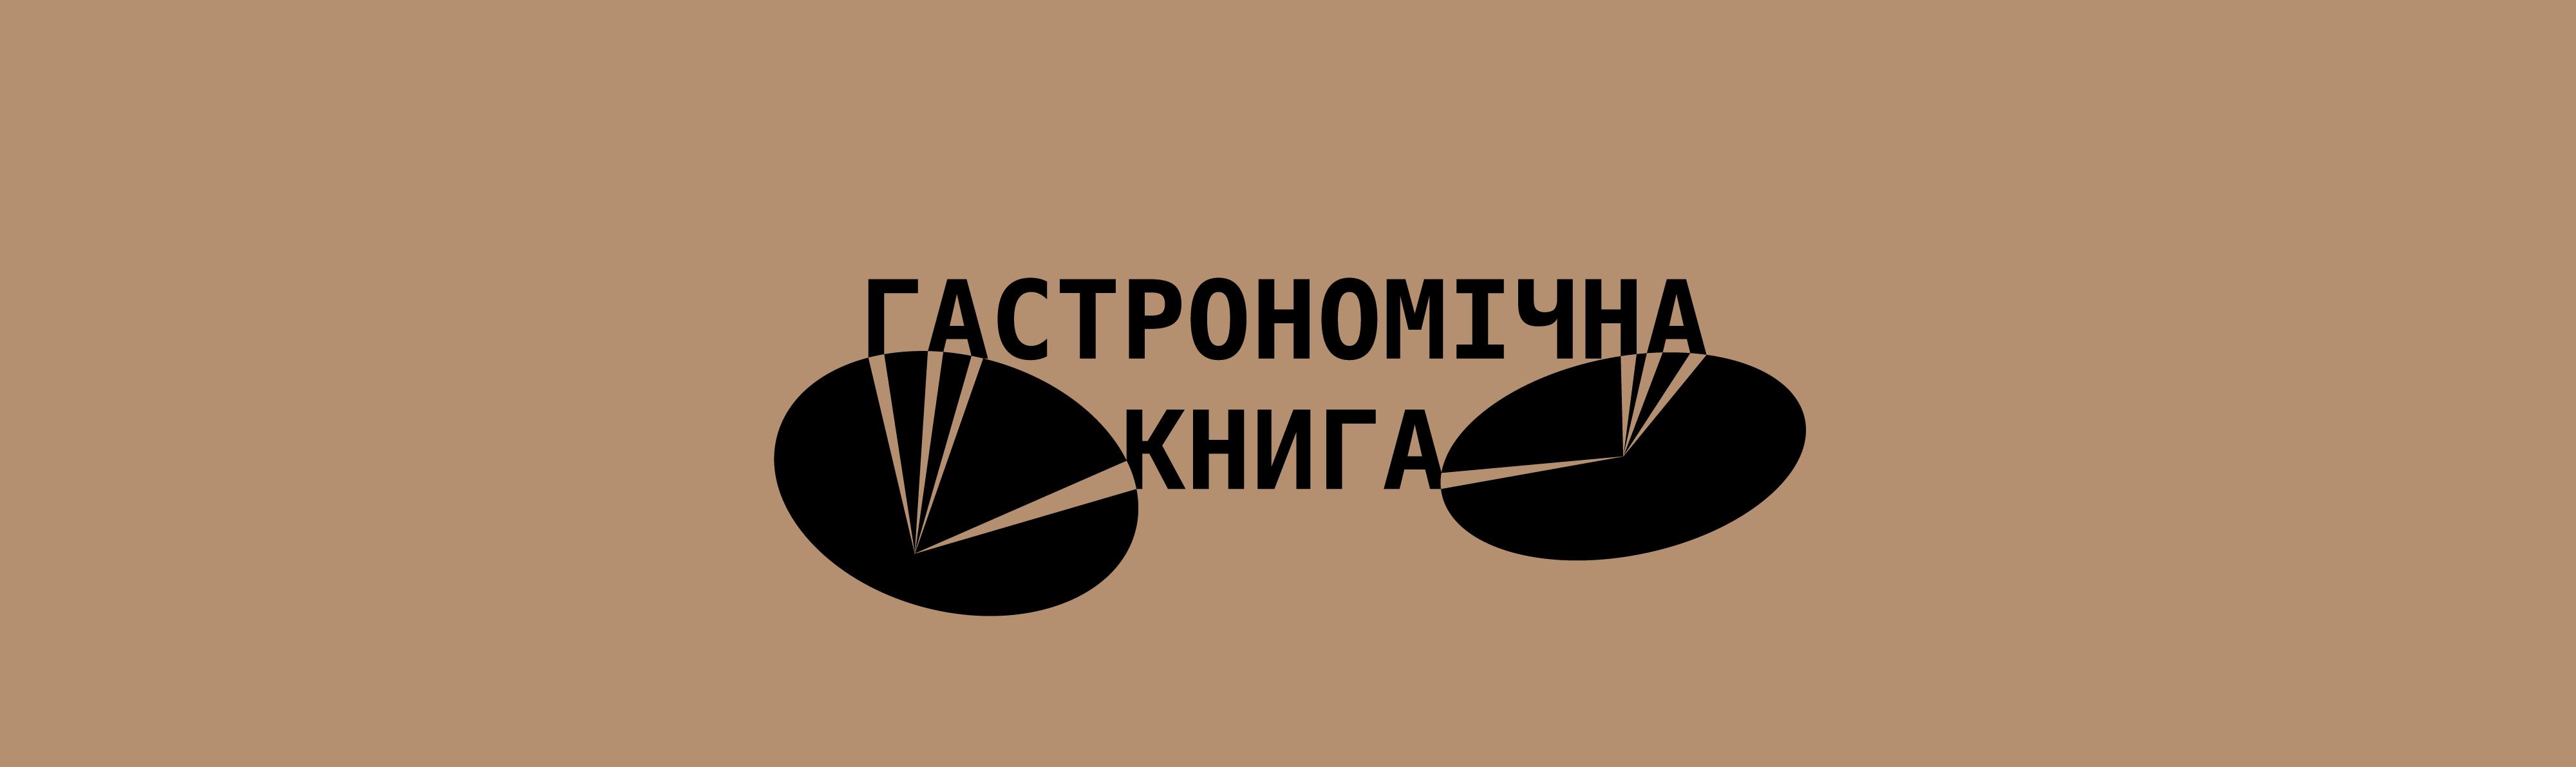 Зображення до Спецпрограма проєкту їzhakultura